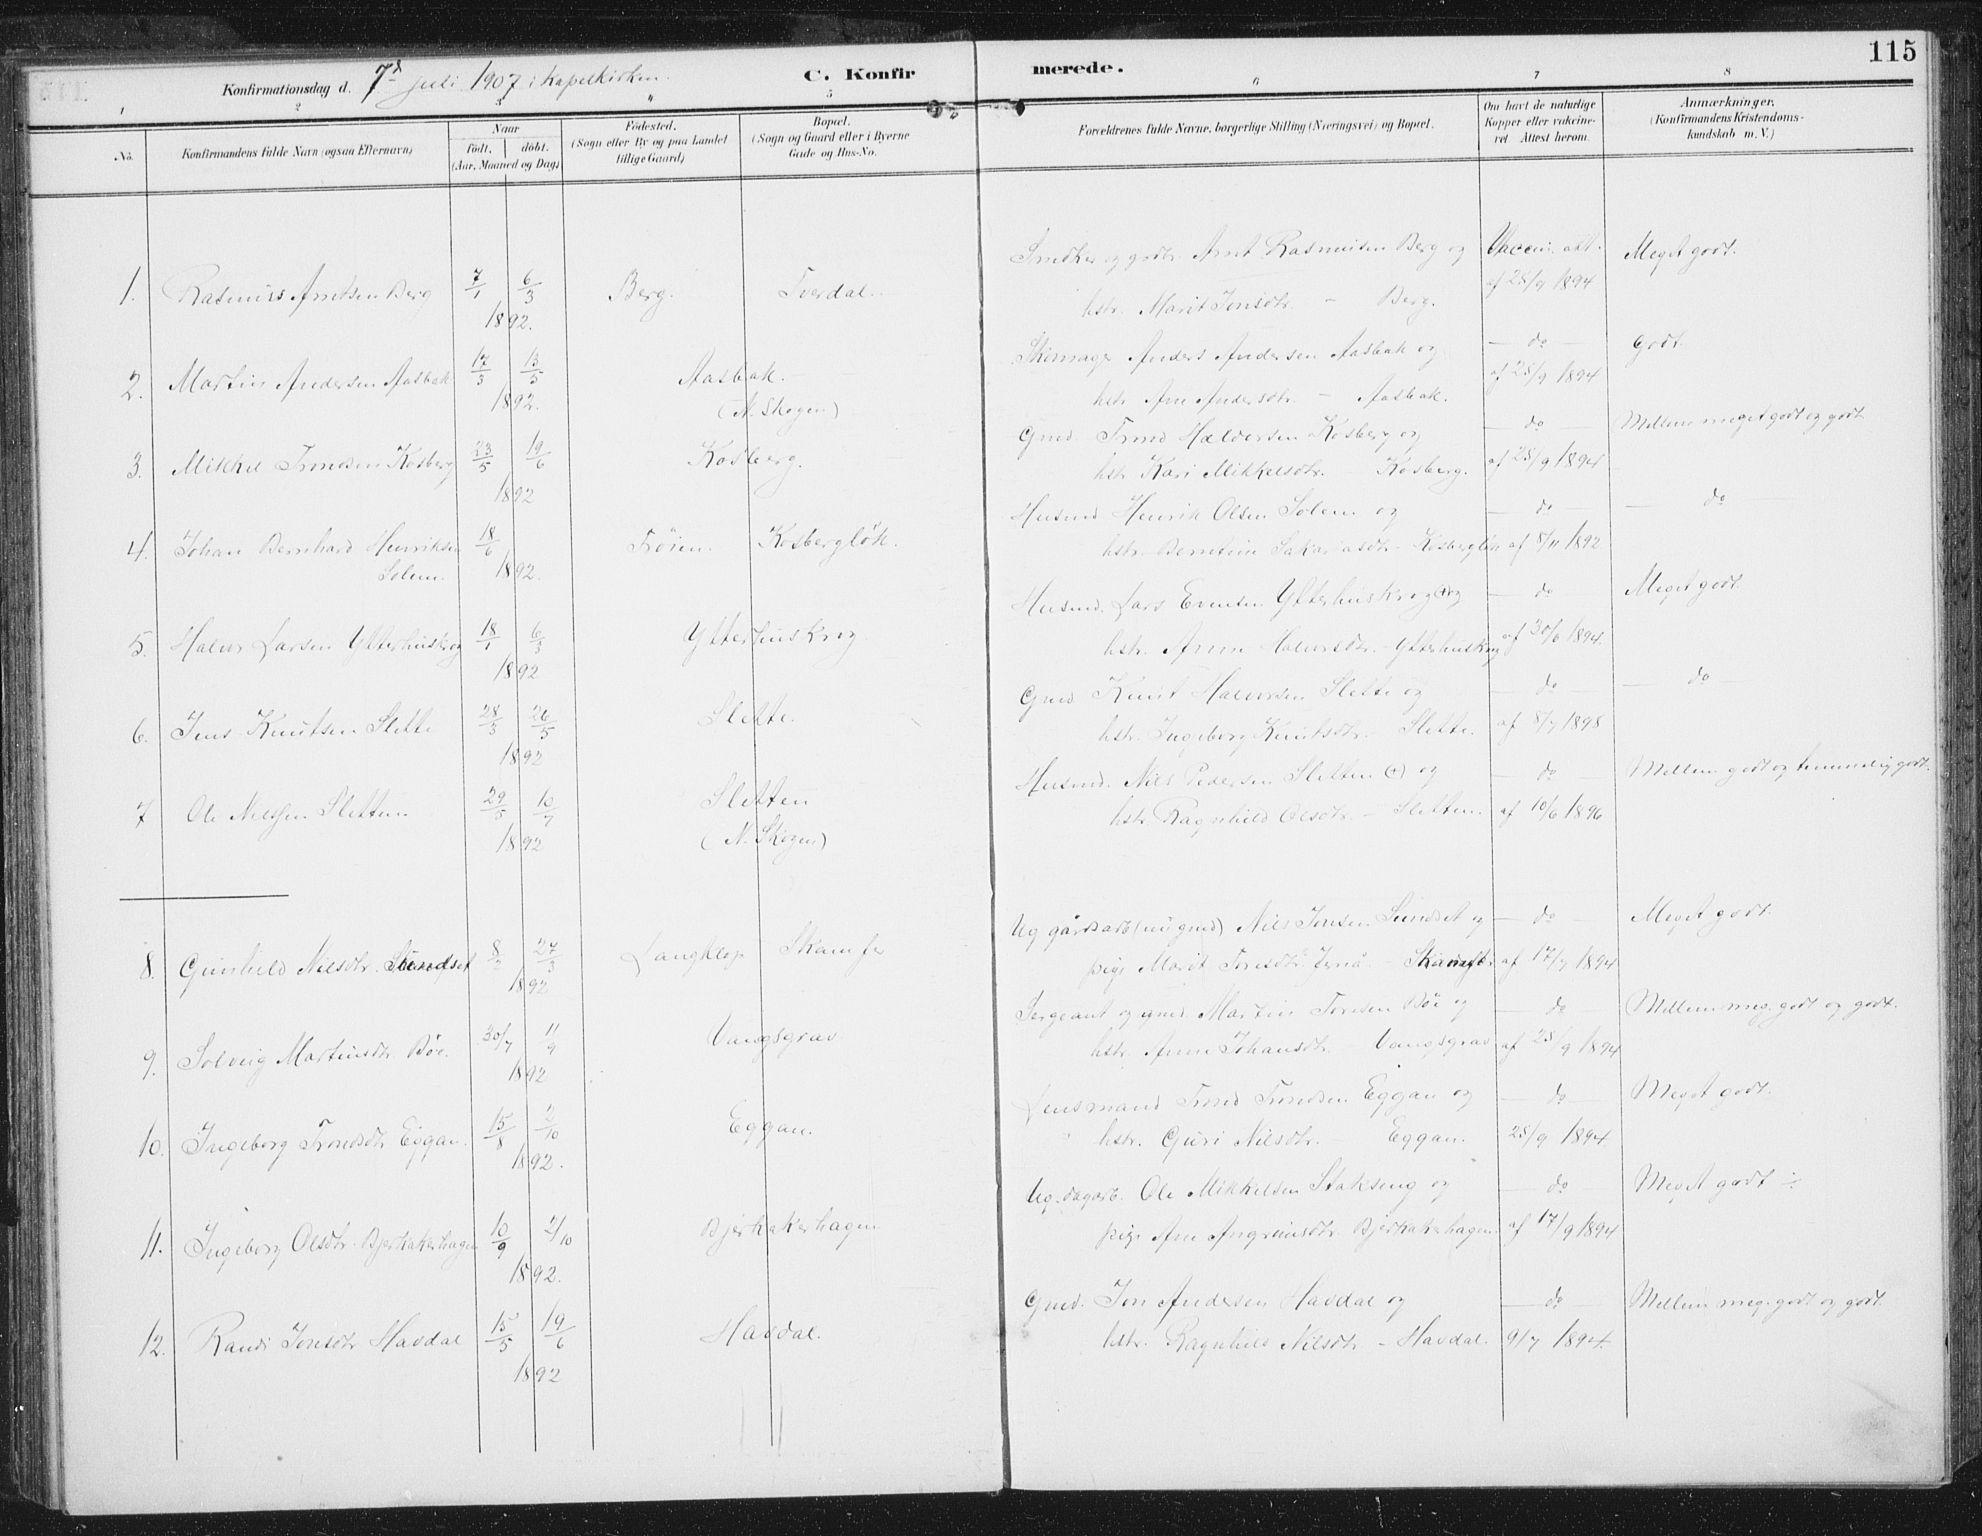 SAT, Ministerialprotokoller, klokkerbøker og fødselsregistre - Sør-Trøndelag, 674/L0872: Ministerialbok nr. 674A04, 1897-1907, s. 115